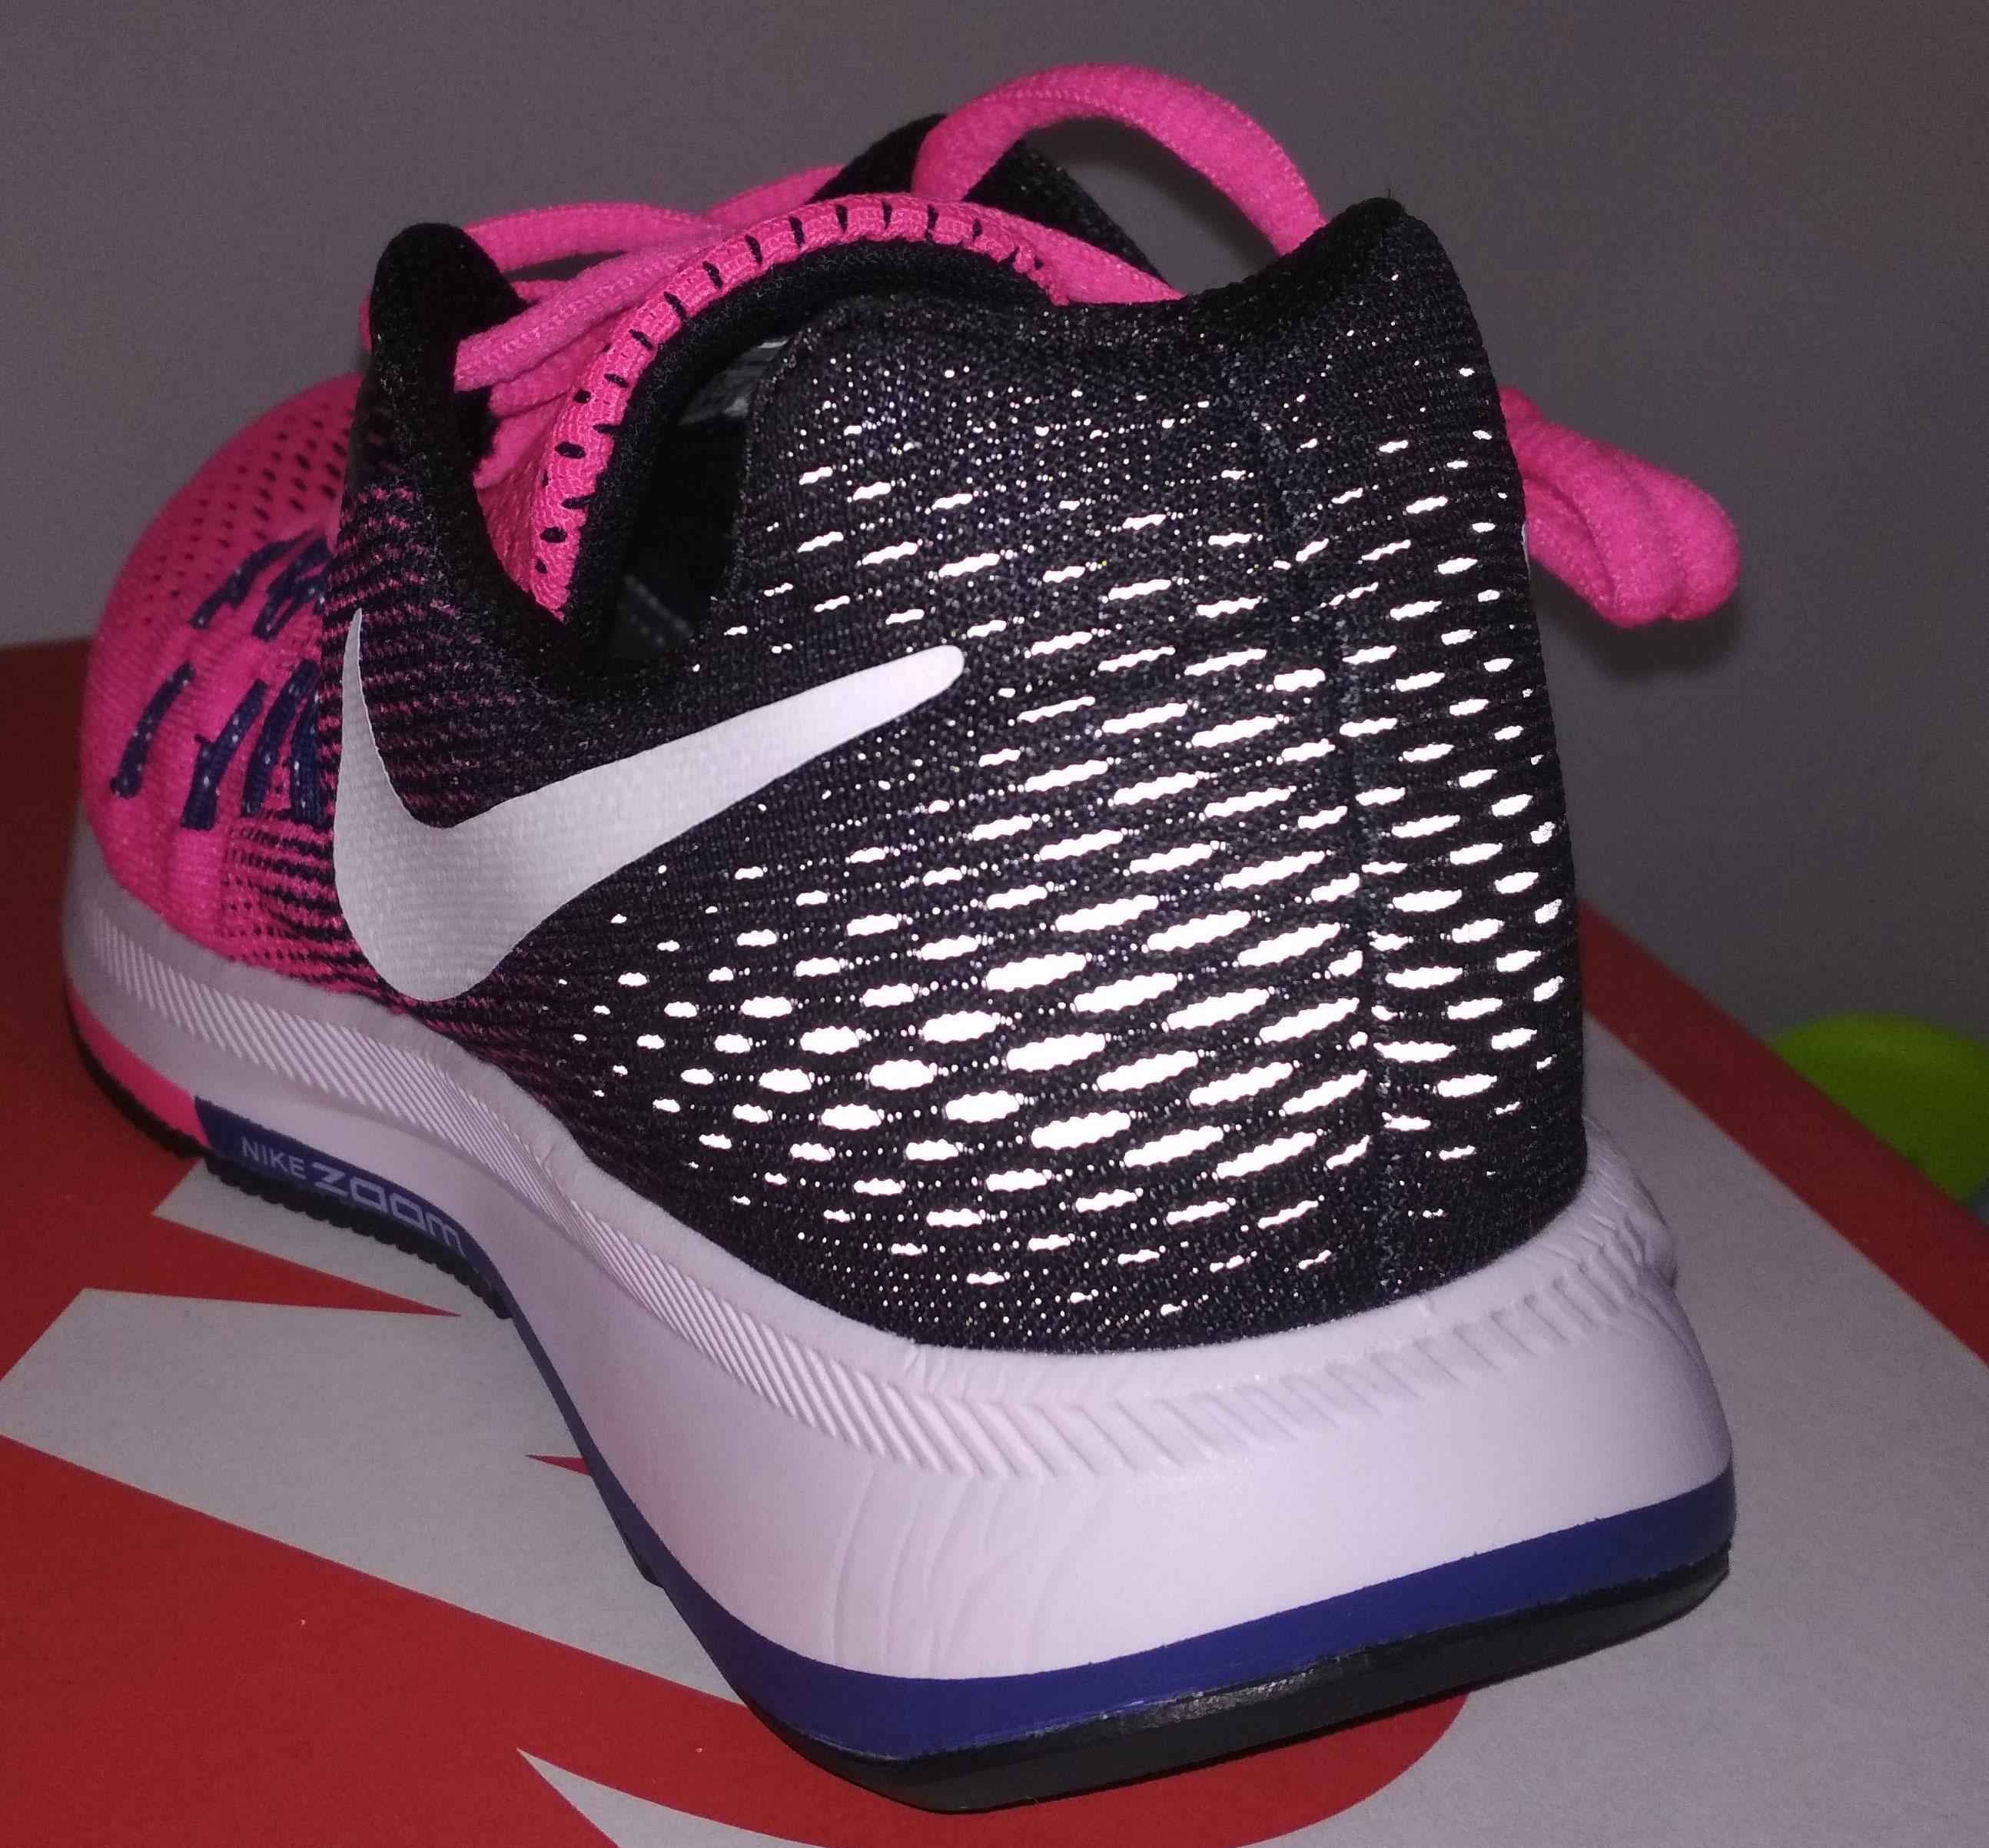 большое фото №5 Женские кроссовки для бега Nike Zoom Pegasus 33 темно-розовые. Топ качество!